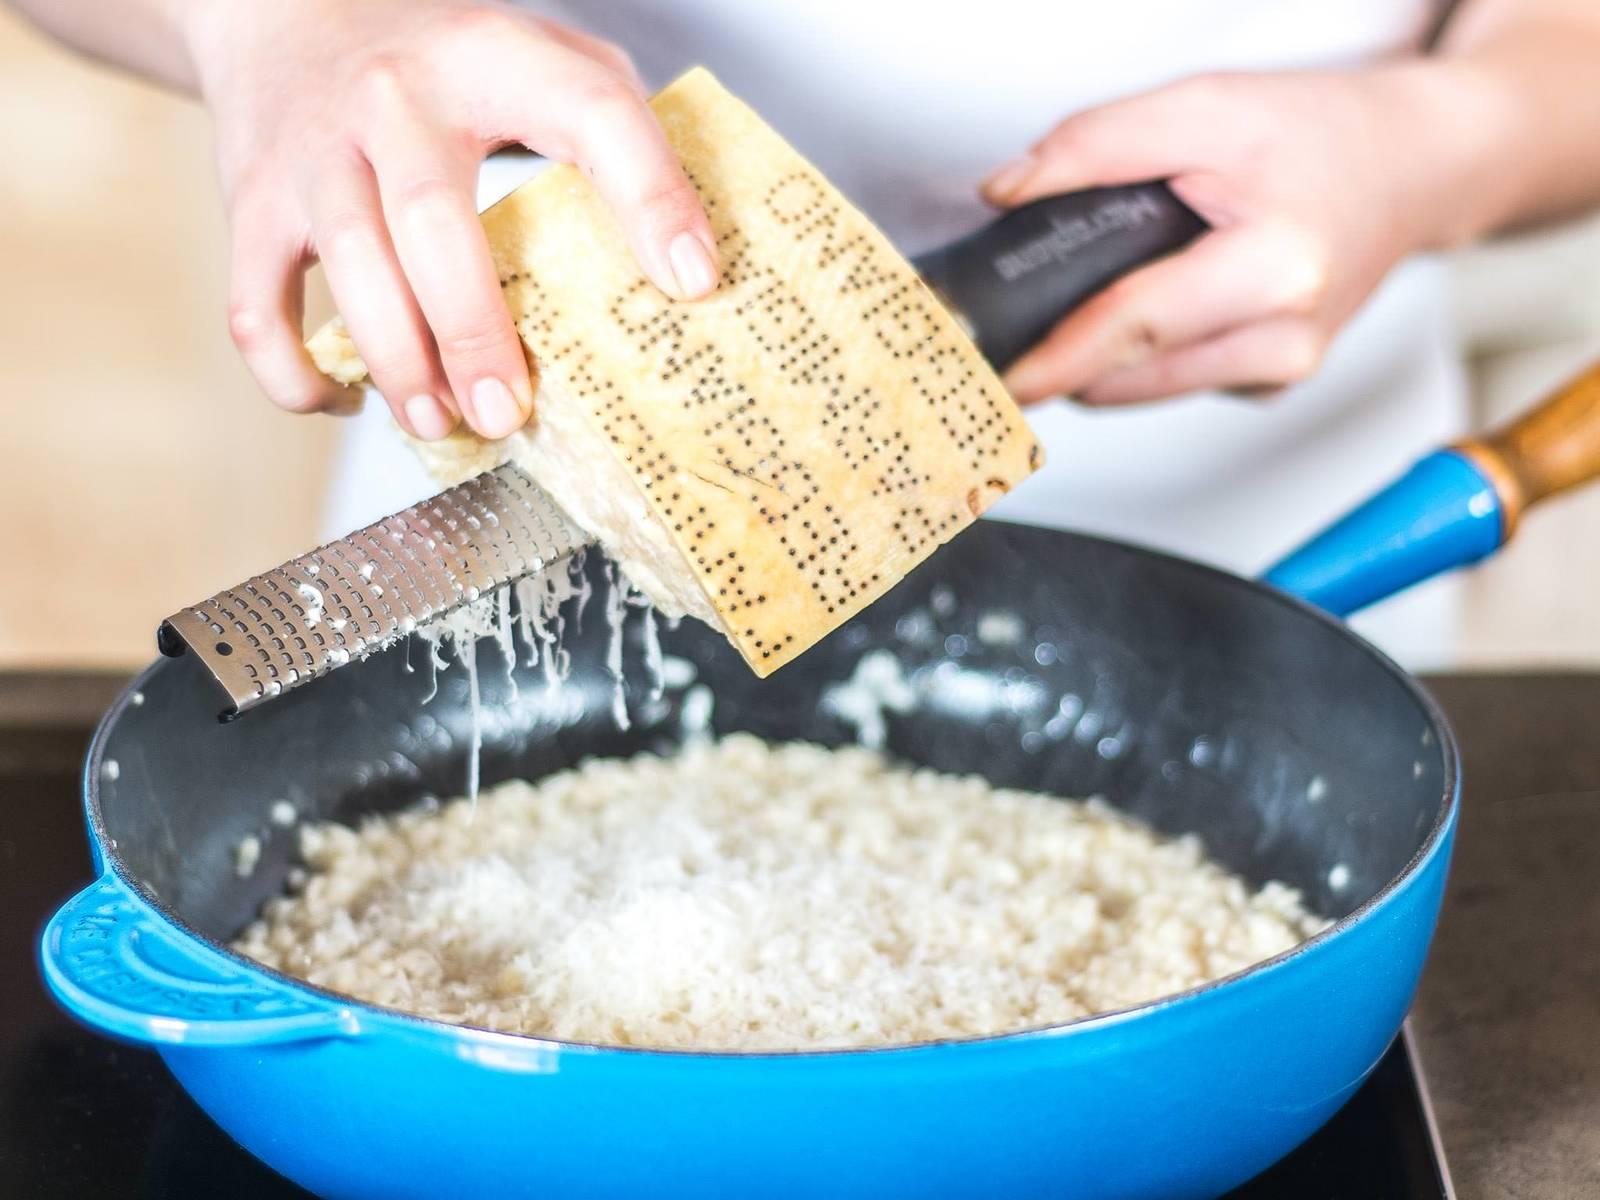 Risotto vom Herd nehmen, Parmesan und Butter unterheben und mit Zucker, Salz und Pfeffer abschmecken. Mit geschlossenem Deckel ca. 2 Min. ruhen lassen. ¾ der gebratenen Pfifferlinge und des Spargels hinzugeben und vorsichtig unterheben. Zum Servieren übrige Pfifferlinge und Spargelstücke auf dem Risotto anrichten.